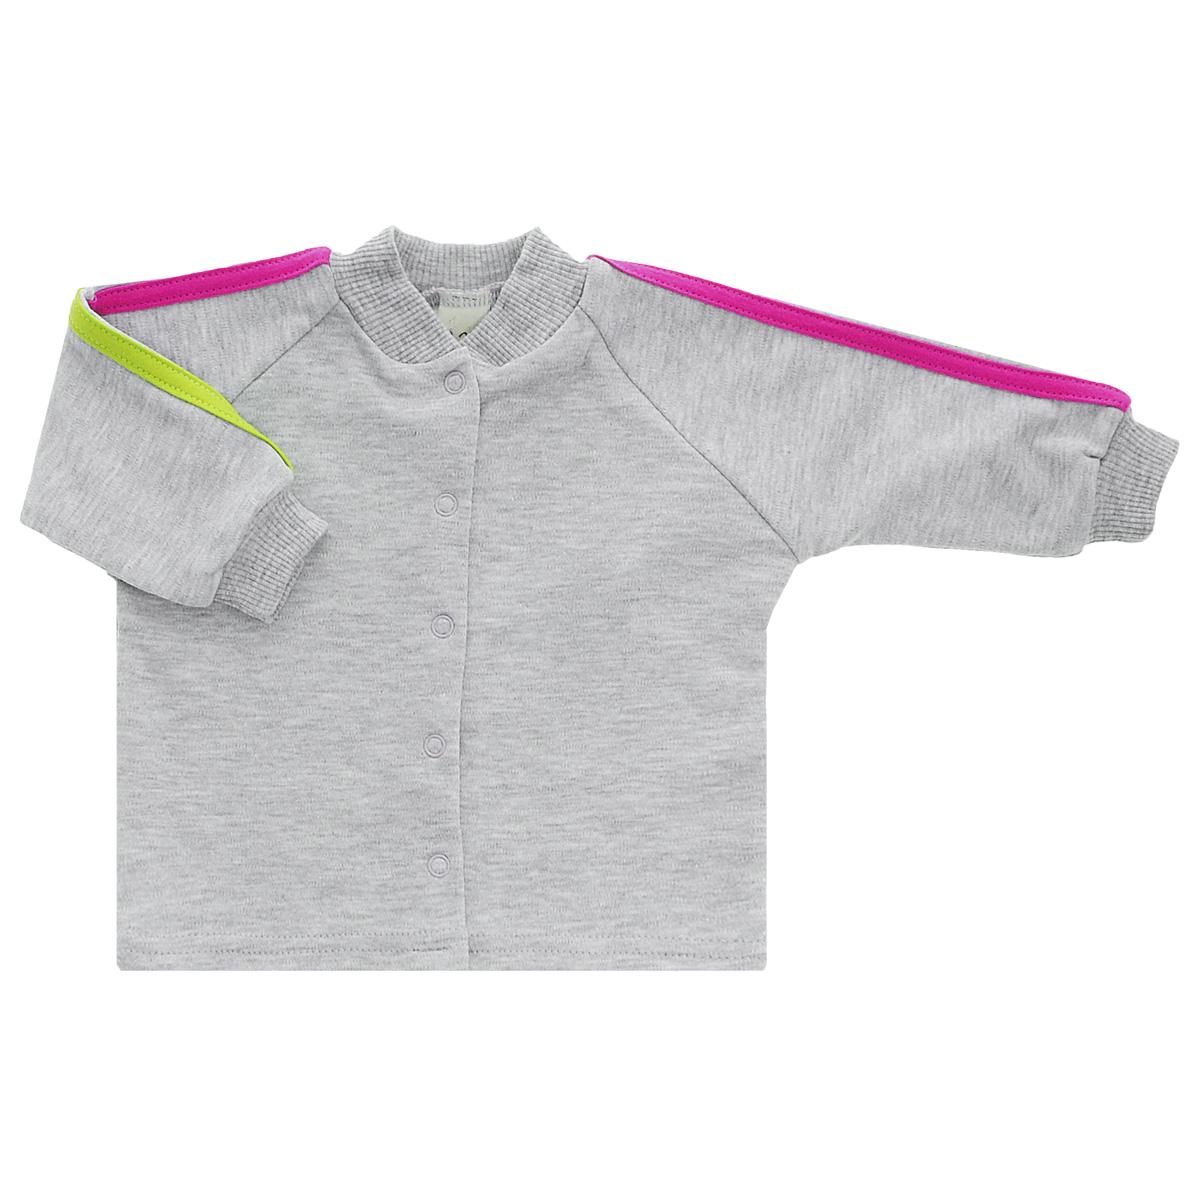 Кофточка детская Lucky Child, цвет: серый, розовый. 1-16. Размер 80/861-16Кофточка для новорожденного Lucky Child с длинными рукавами-реглан послужит идеальным дополнением к гардеробу вашего малыша, обеспечивая ему наибольший комфорт. Изготовленная из интерлока - натурального хлопка, она необычайно мягкая и легкая, не раздражает нежную кожу ребенка и хорошо вентилируется, а эластичные швы приятны телу малыша и не препятствуют его движениям. Удобные застежки-кнопки по всей длине помогают легко переодеть младенца. Рукава понизу дополнены широкими трикотажными манжетами, не стягивающими запястья. Кофточка полностью соответствует особенностям жизни ребенка в ранний период, не стесняя и не ограничивая его в движениях. В ней ваш малыш всегда будет в центре внимания.